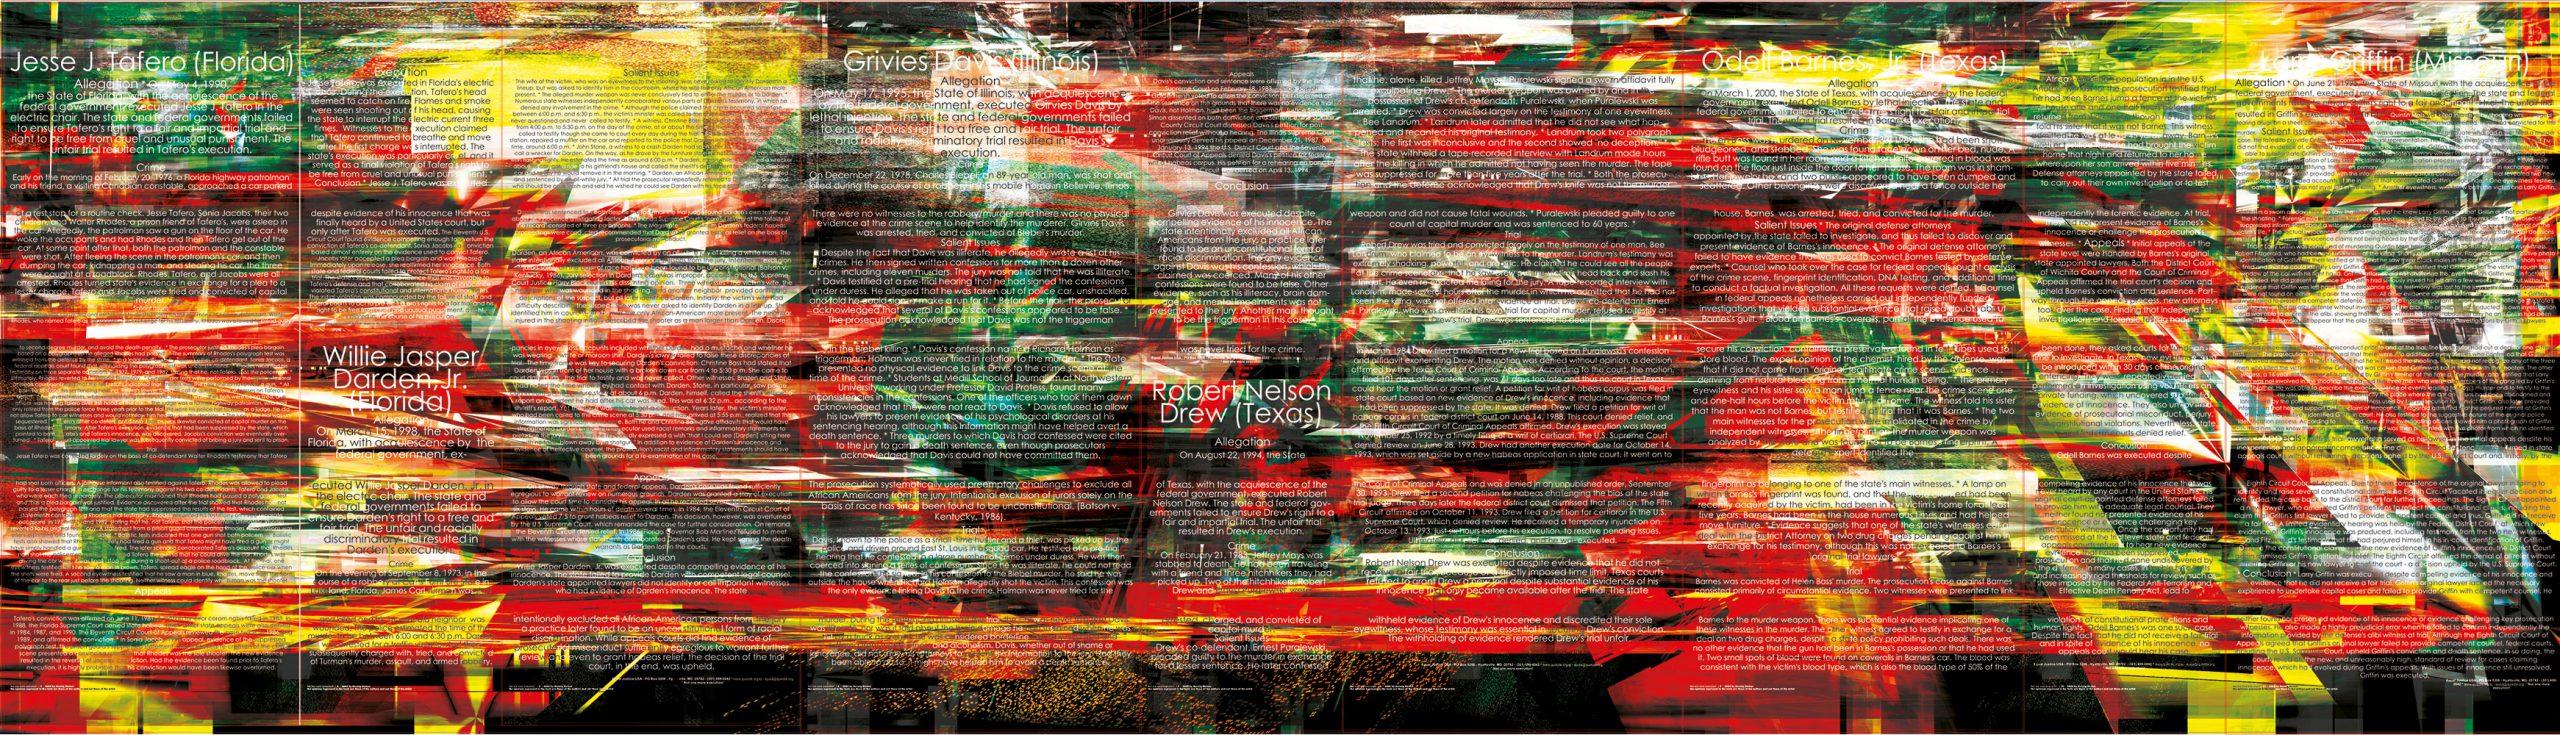 Herwig Steiner (1956L), Not one more execution / Große Glaswand / Entwurf / Installation – Glaswände mit 5 Türen / 13-teilig / computergenerierter Glasdruck / 2004/05 / 321,0 x 155,5 cm + 325,4 x 1136,05 cm + 325,4 x 170,4 cm / Korridor ehem. Kanzlei Manak & Partner